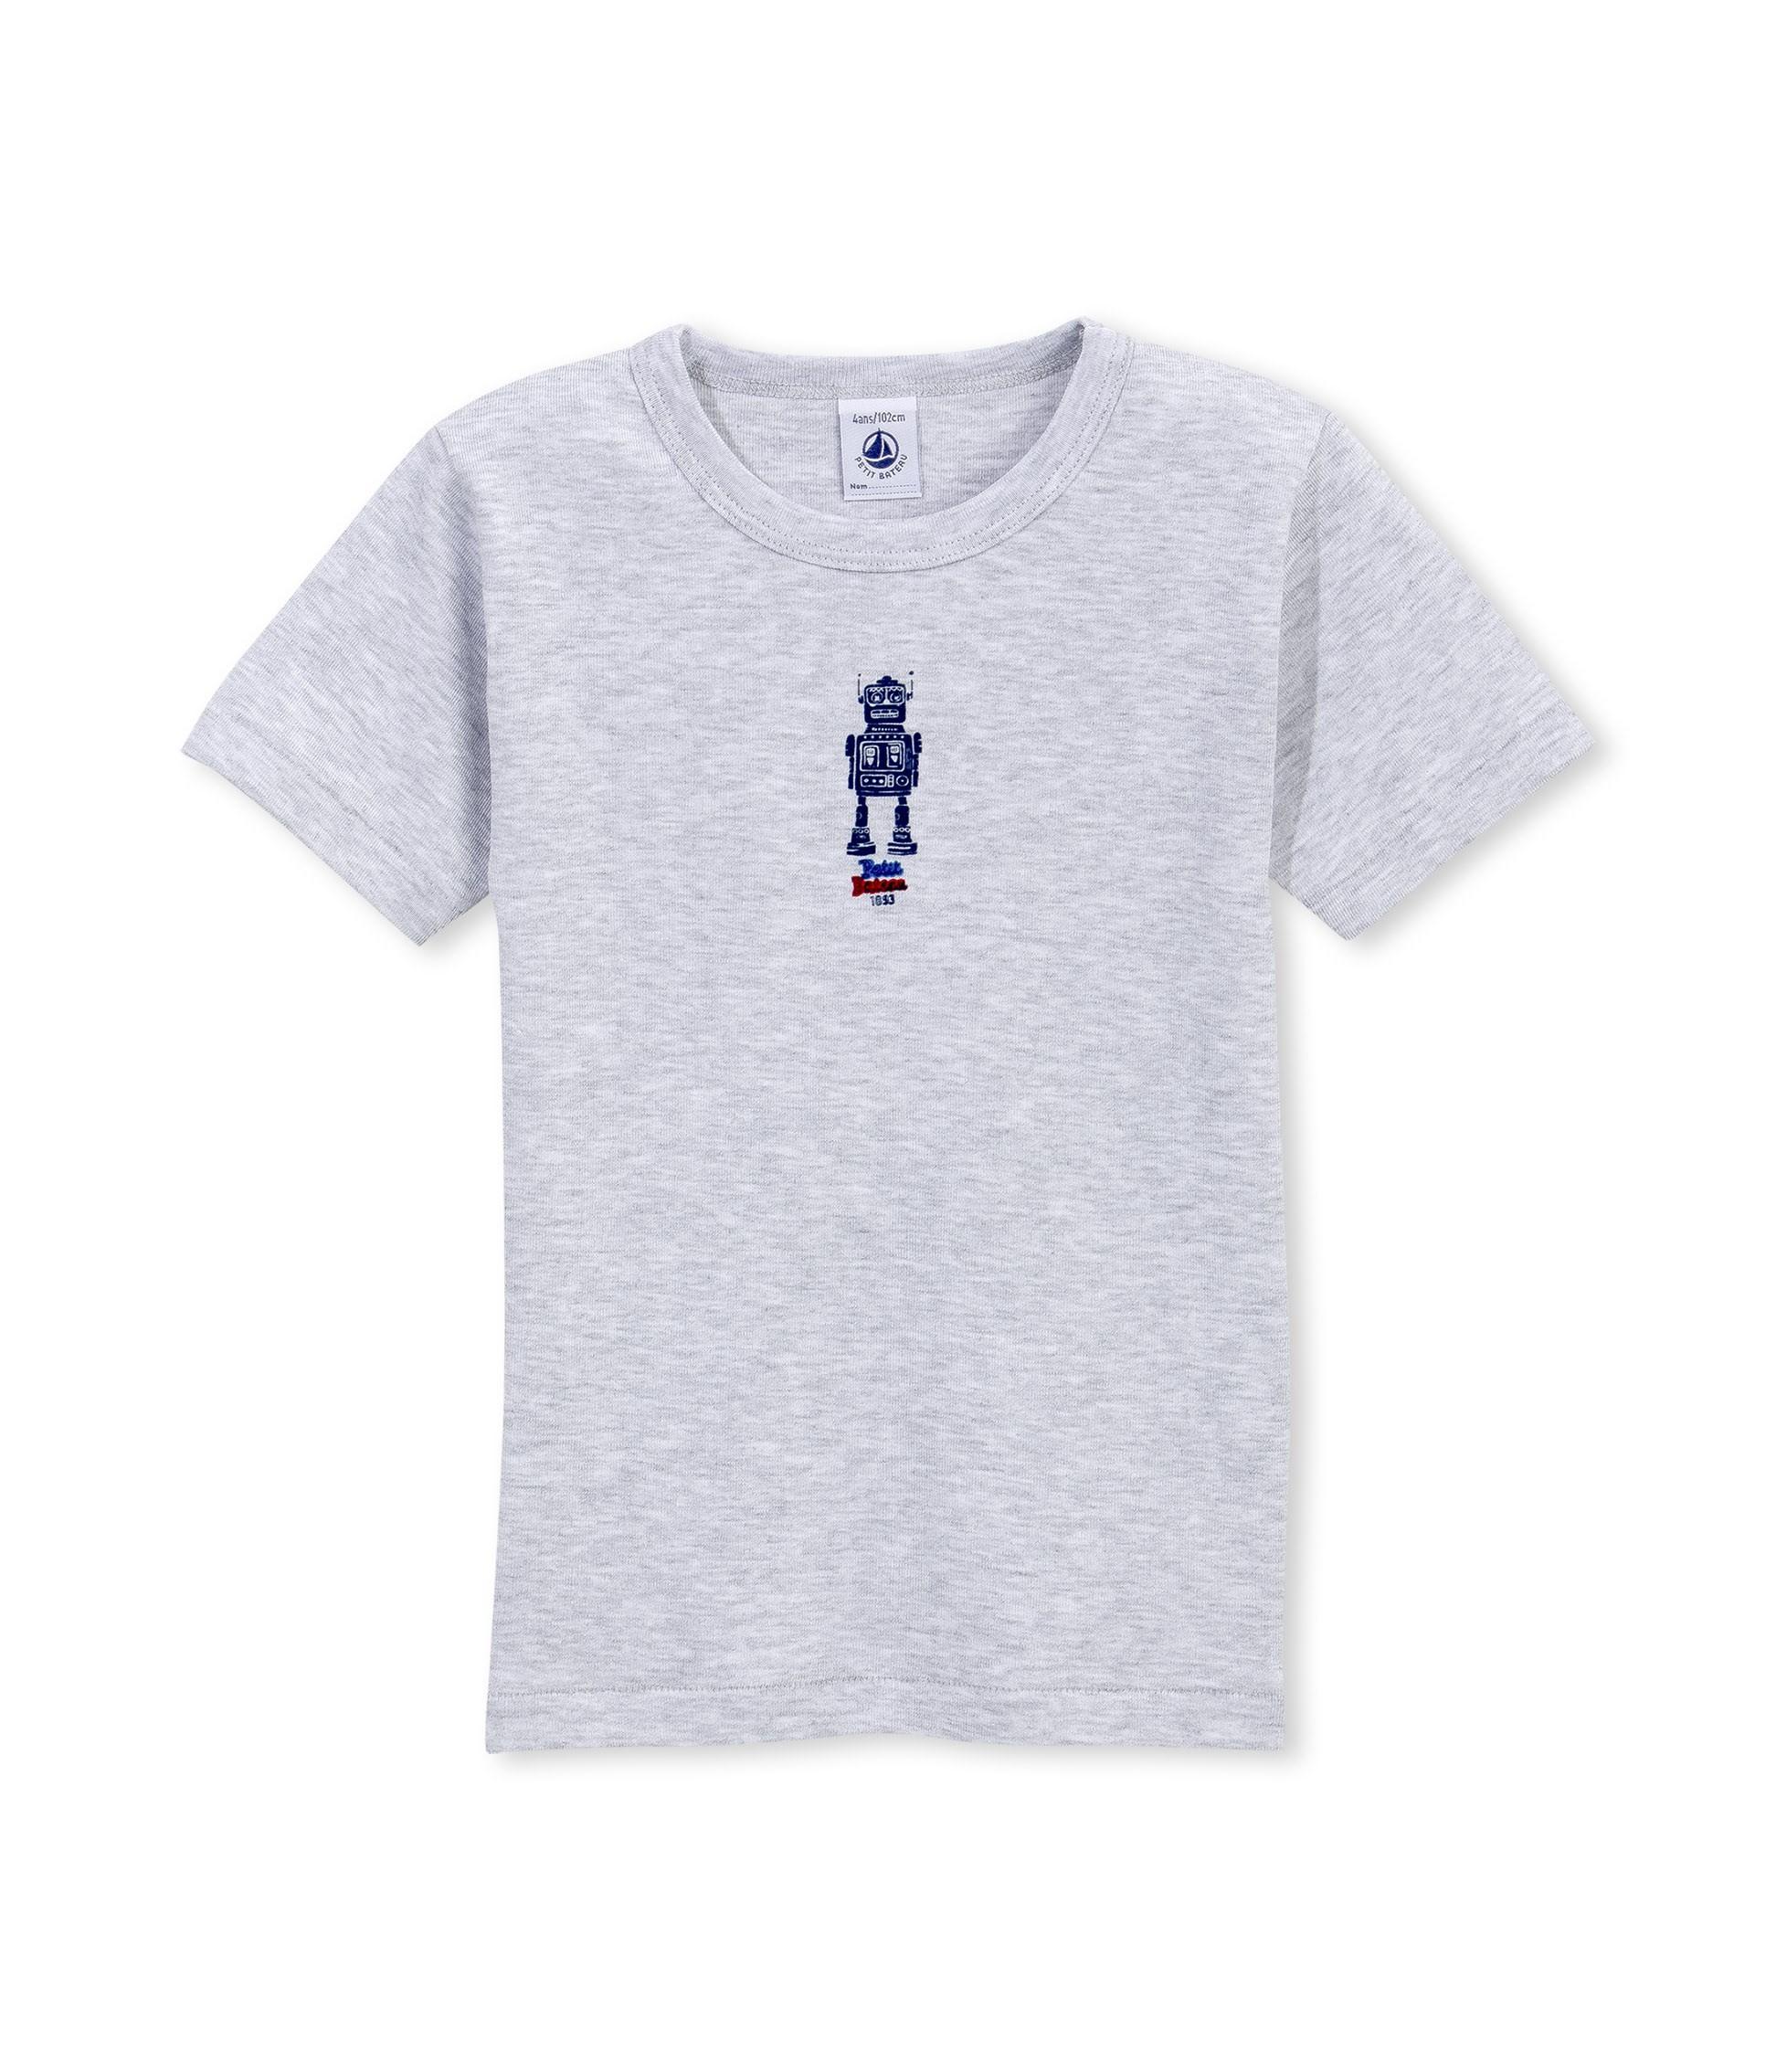 5d5fab023479 Boy s t-shirt vest with motif - petit-bateau.gr